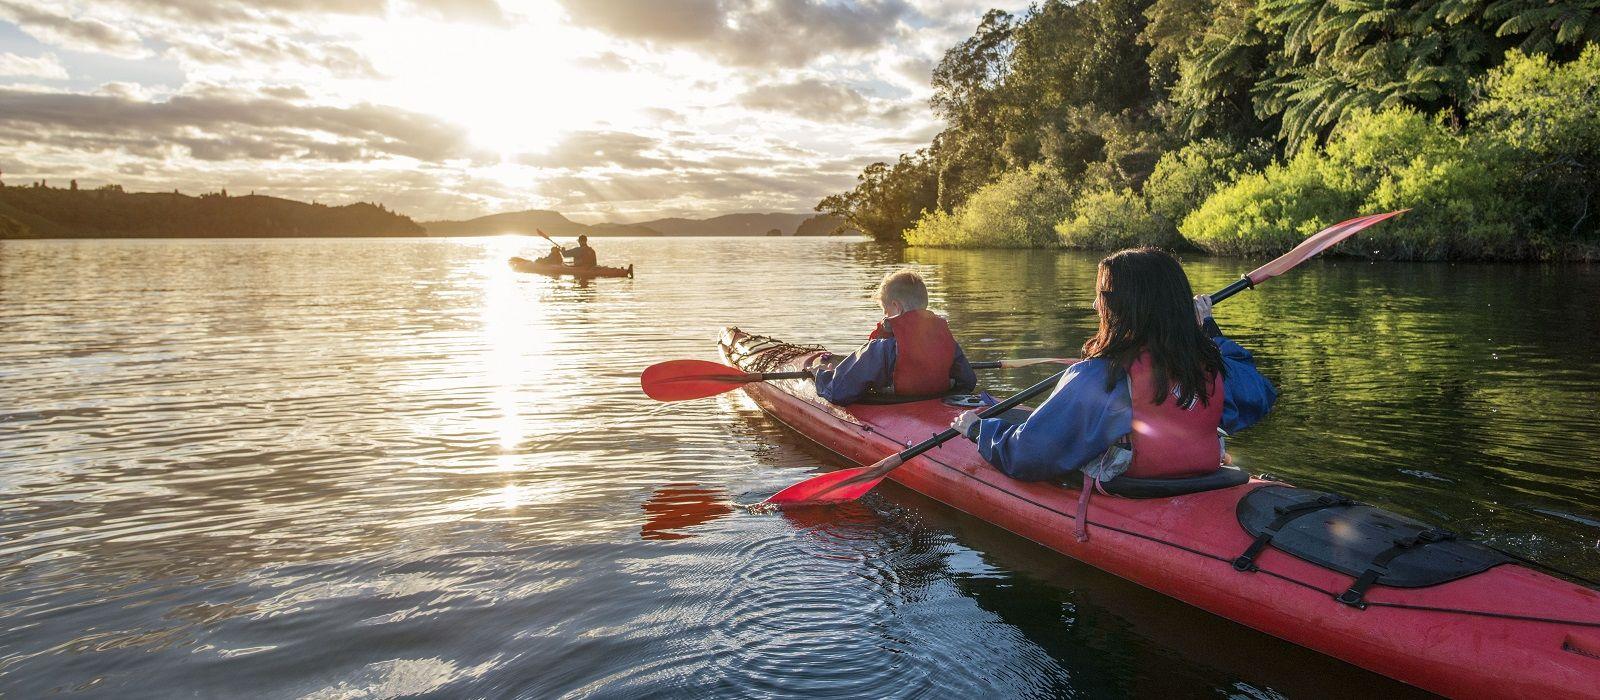 Neuseeland über Land: Von der Süd- zur Nordinsel Urlaub 1